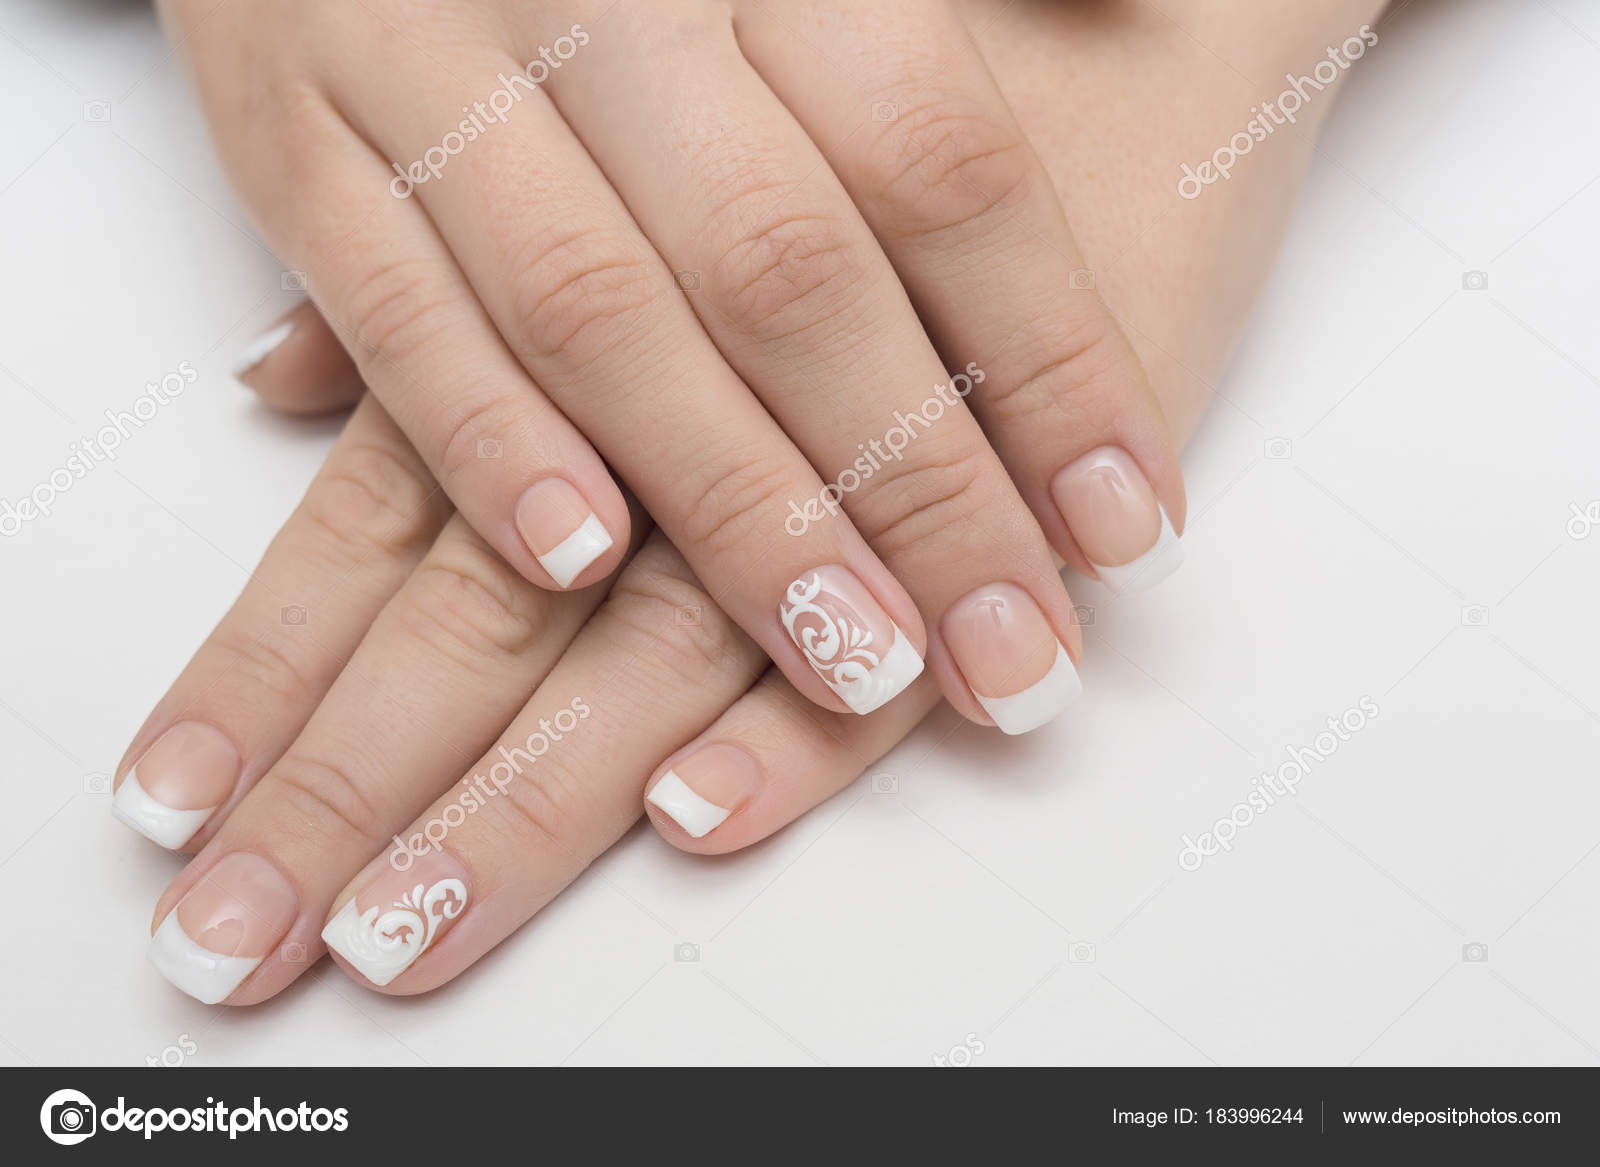 Faszinierend Nägel Muster Beste Wahl Maniküre Und Weiß Abstrakte Auf Womens Nägel